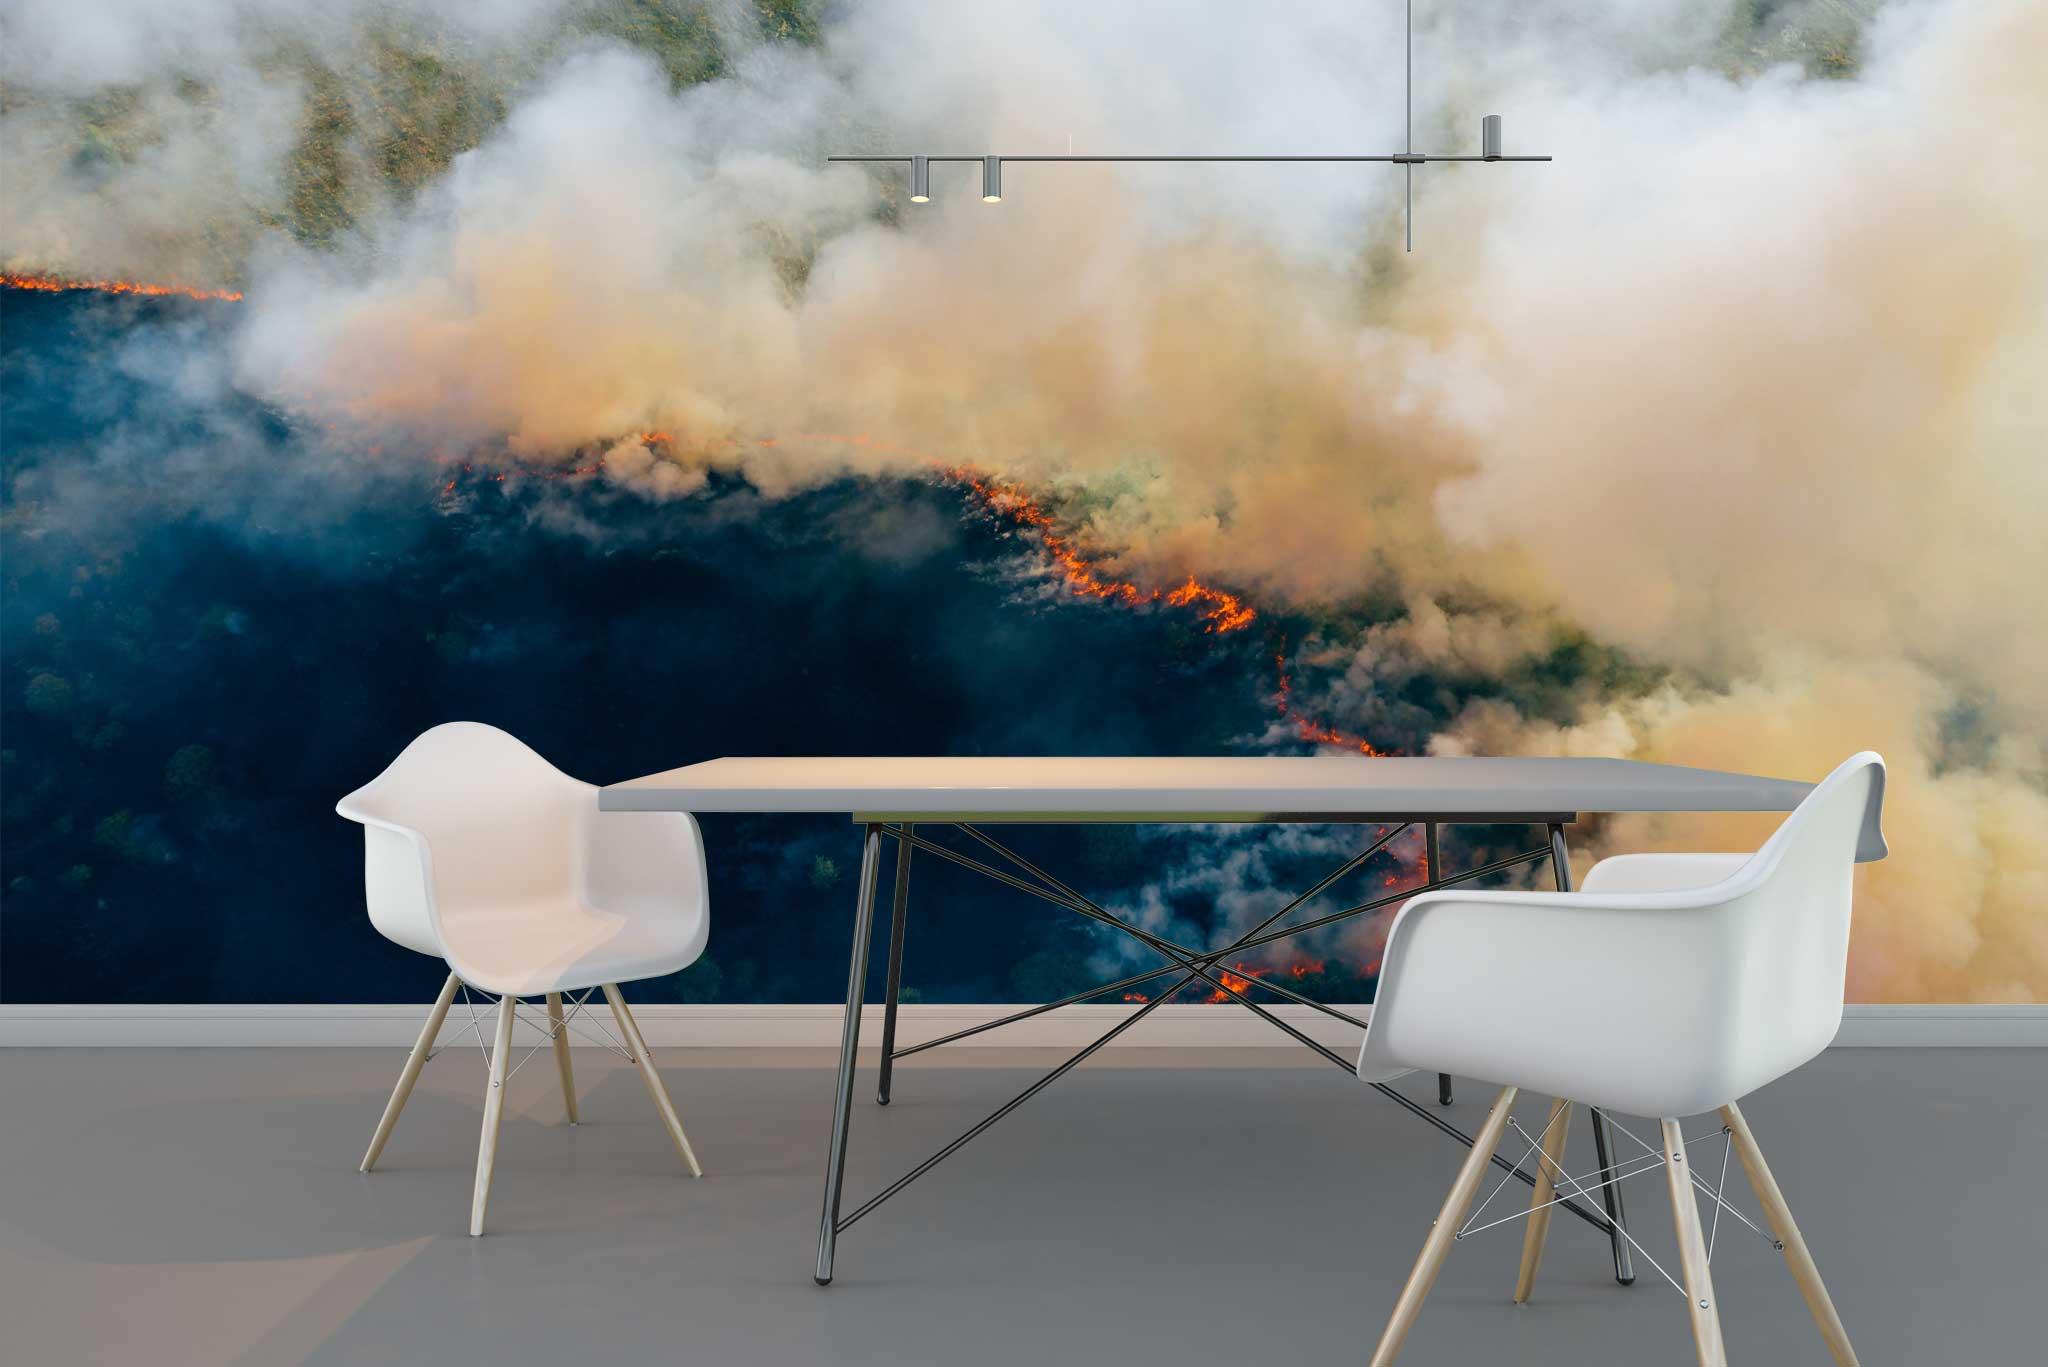 tapet-fototapet-comanda-personalizat-bucuresti-perete-special-lux-model-fotografie-vulcan